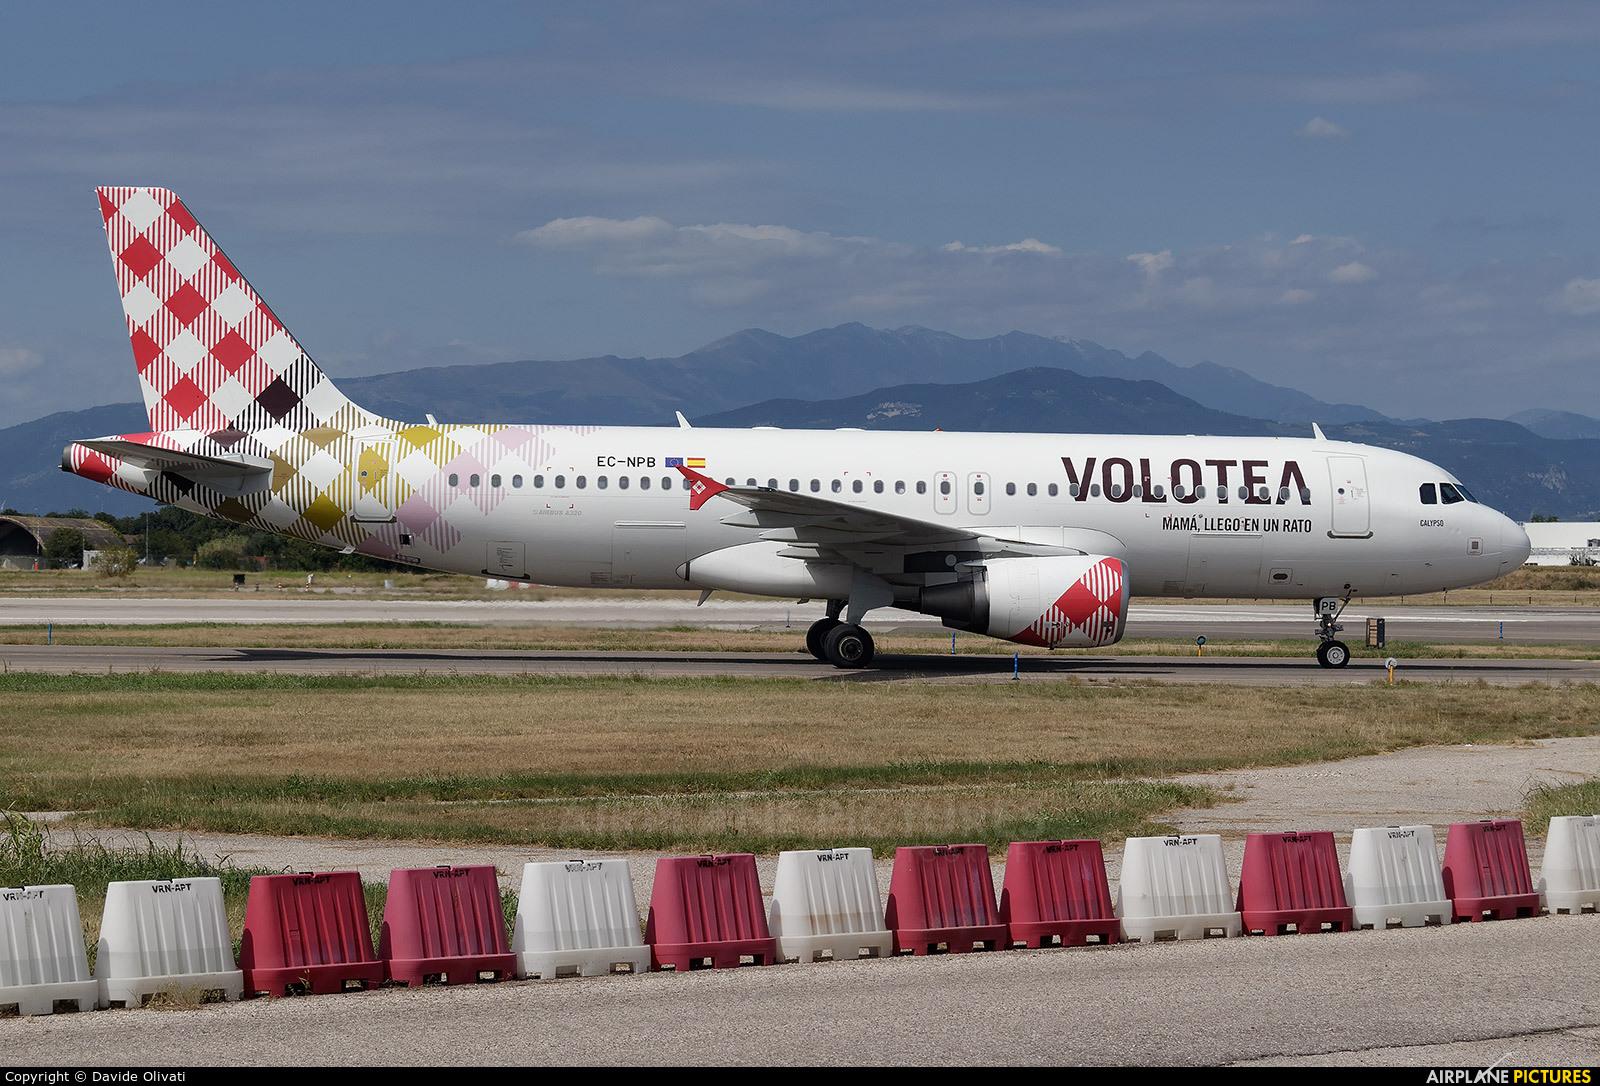 Volotea Airlines EC-NPB aircraft at Verona - Villafranca